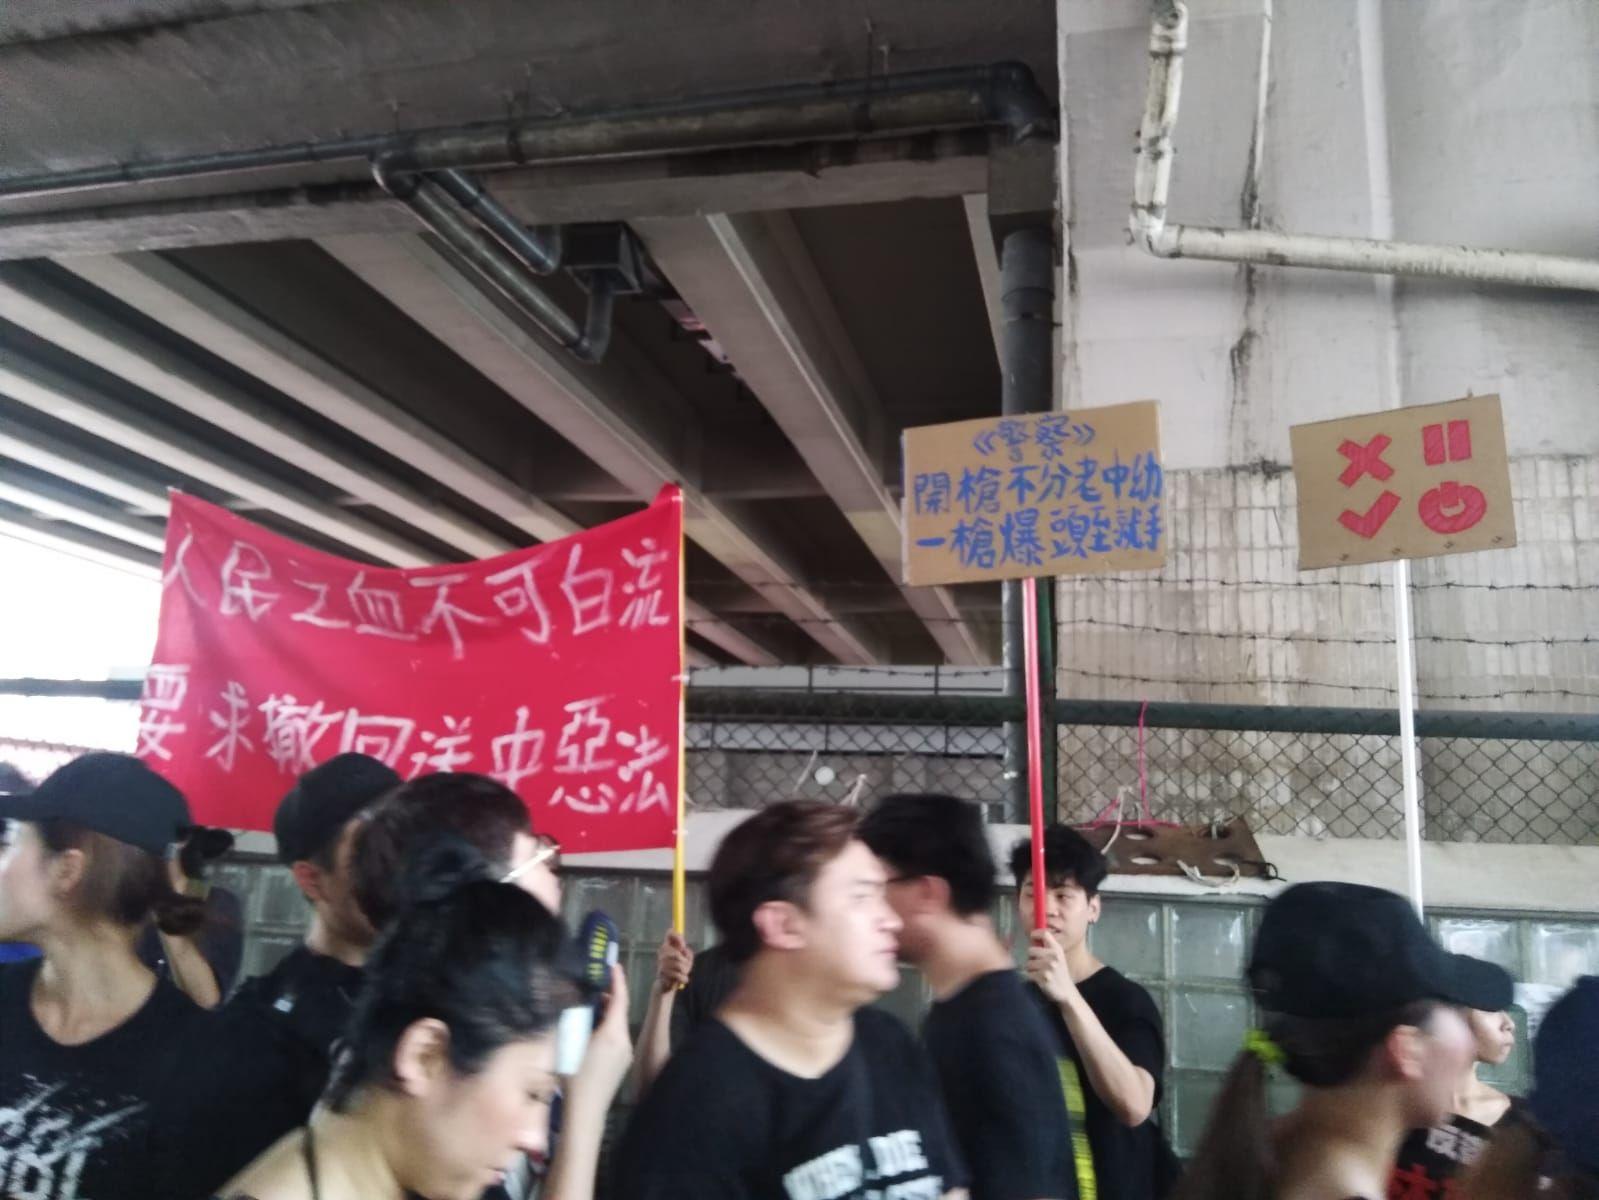 【逃犯條例】民陣遊行拉「痛心疾首」橫幅出發 黑衣市民擠滿維園